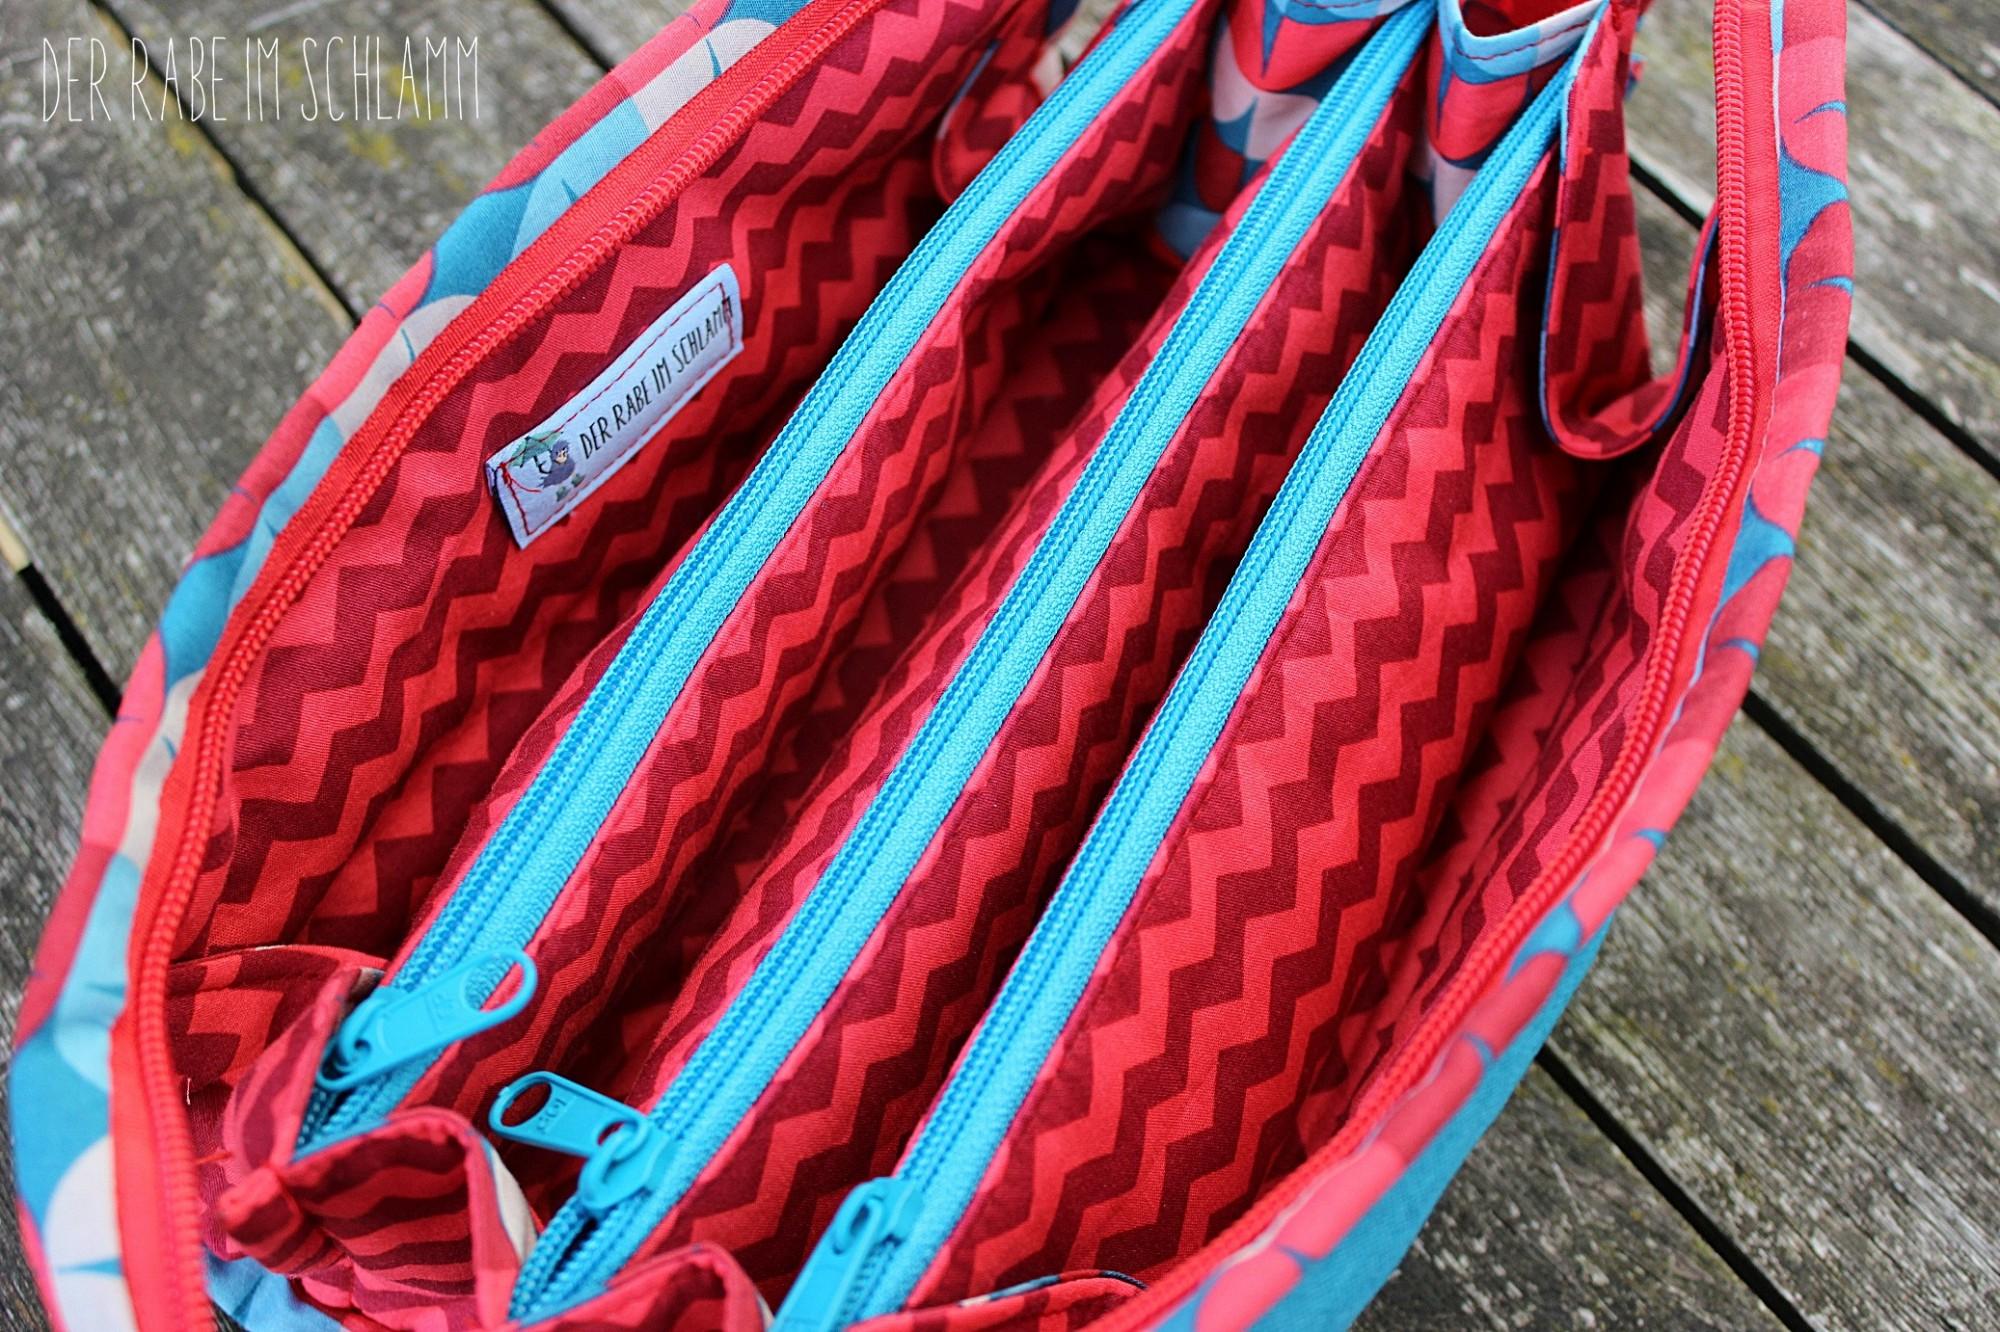 Sew Together Bag, Reißverschlusstasche, Kosmetiktasche,  Der Rabe im Schlamm, Nähen, Taschen